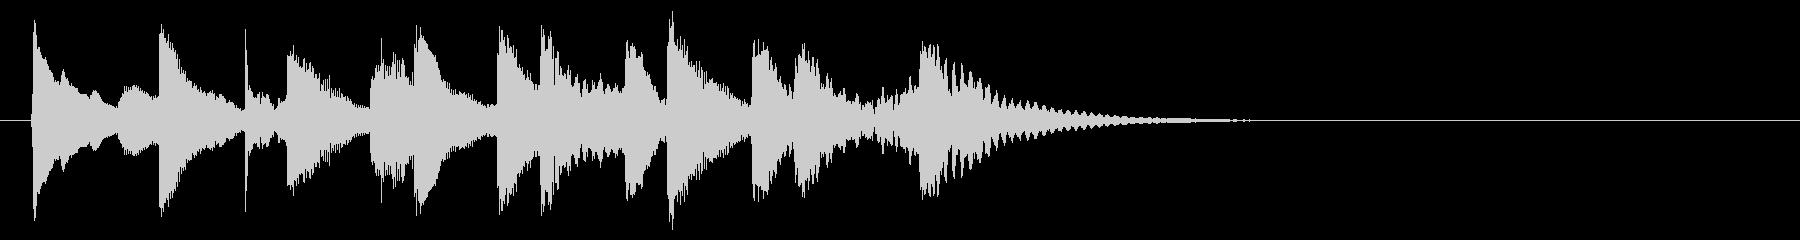 ほのぼのちゃん♪ちゃんマリンバ三重奏の未再生の波形